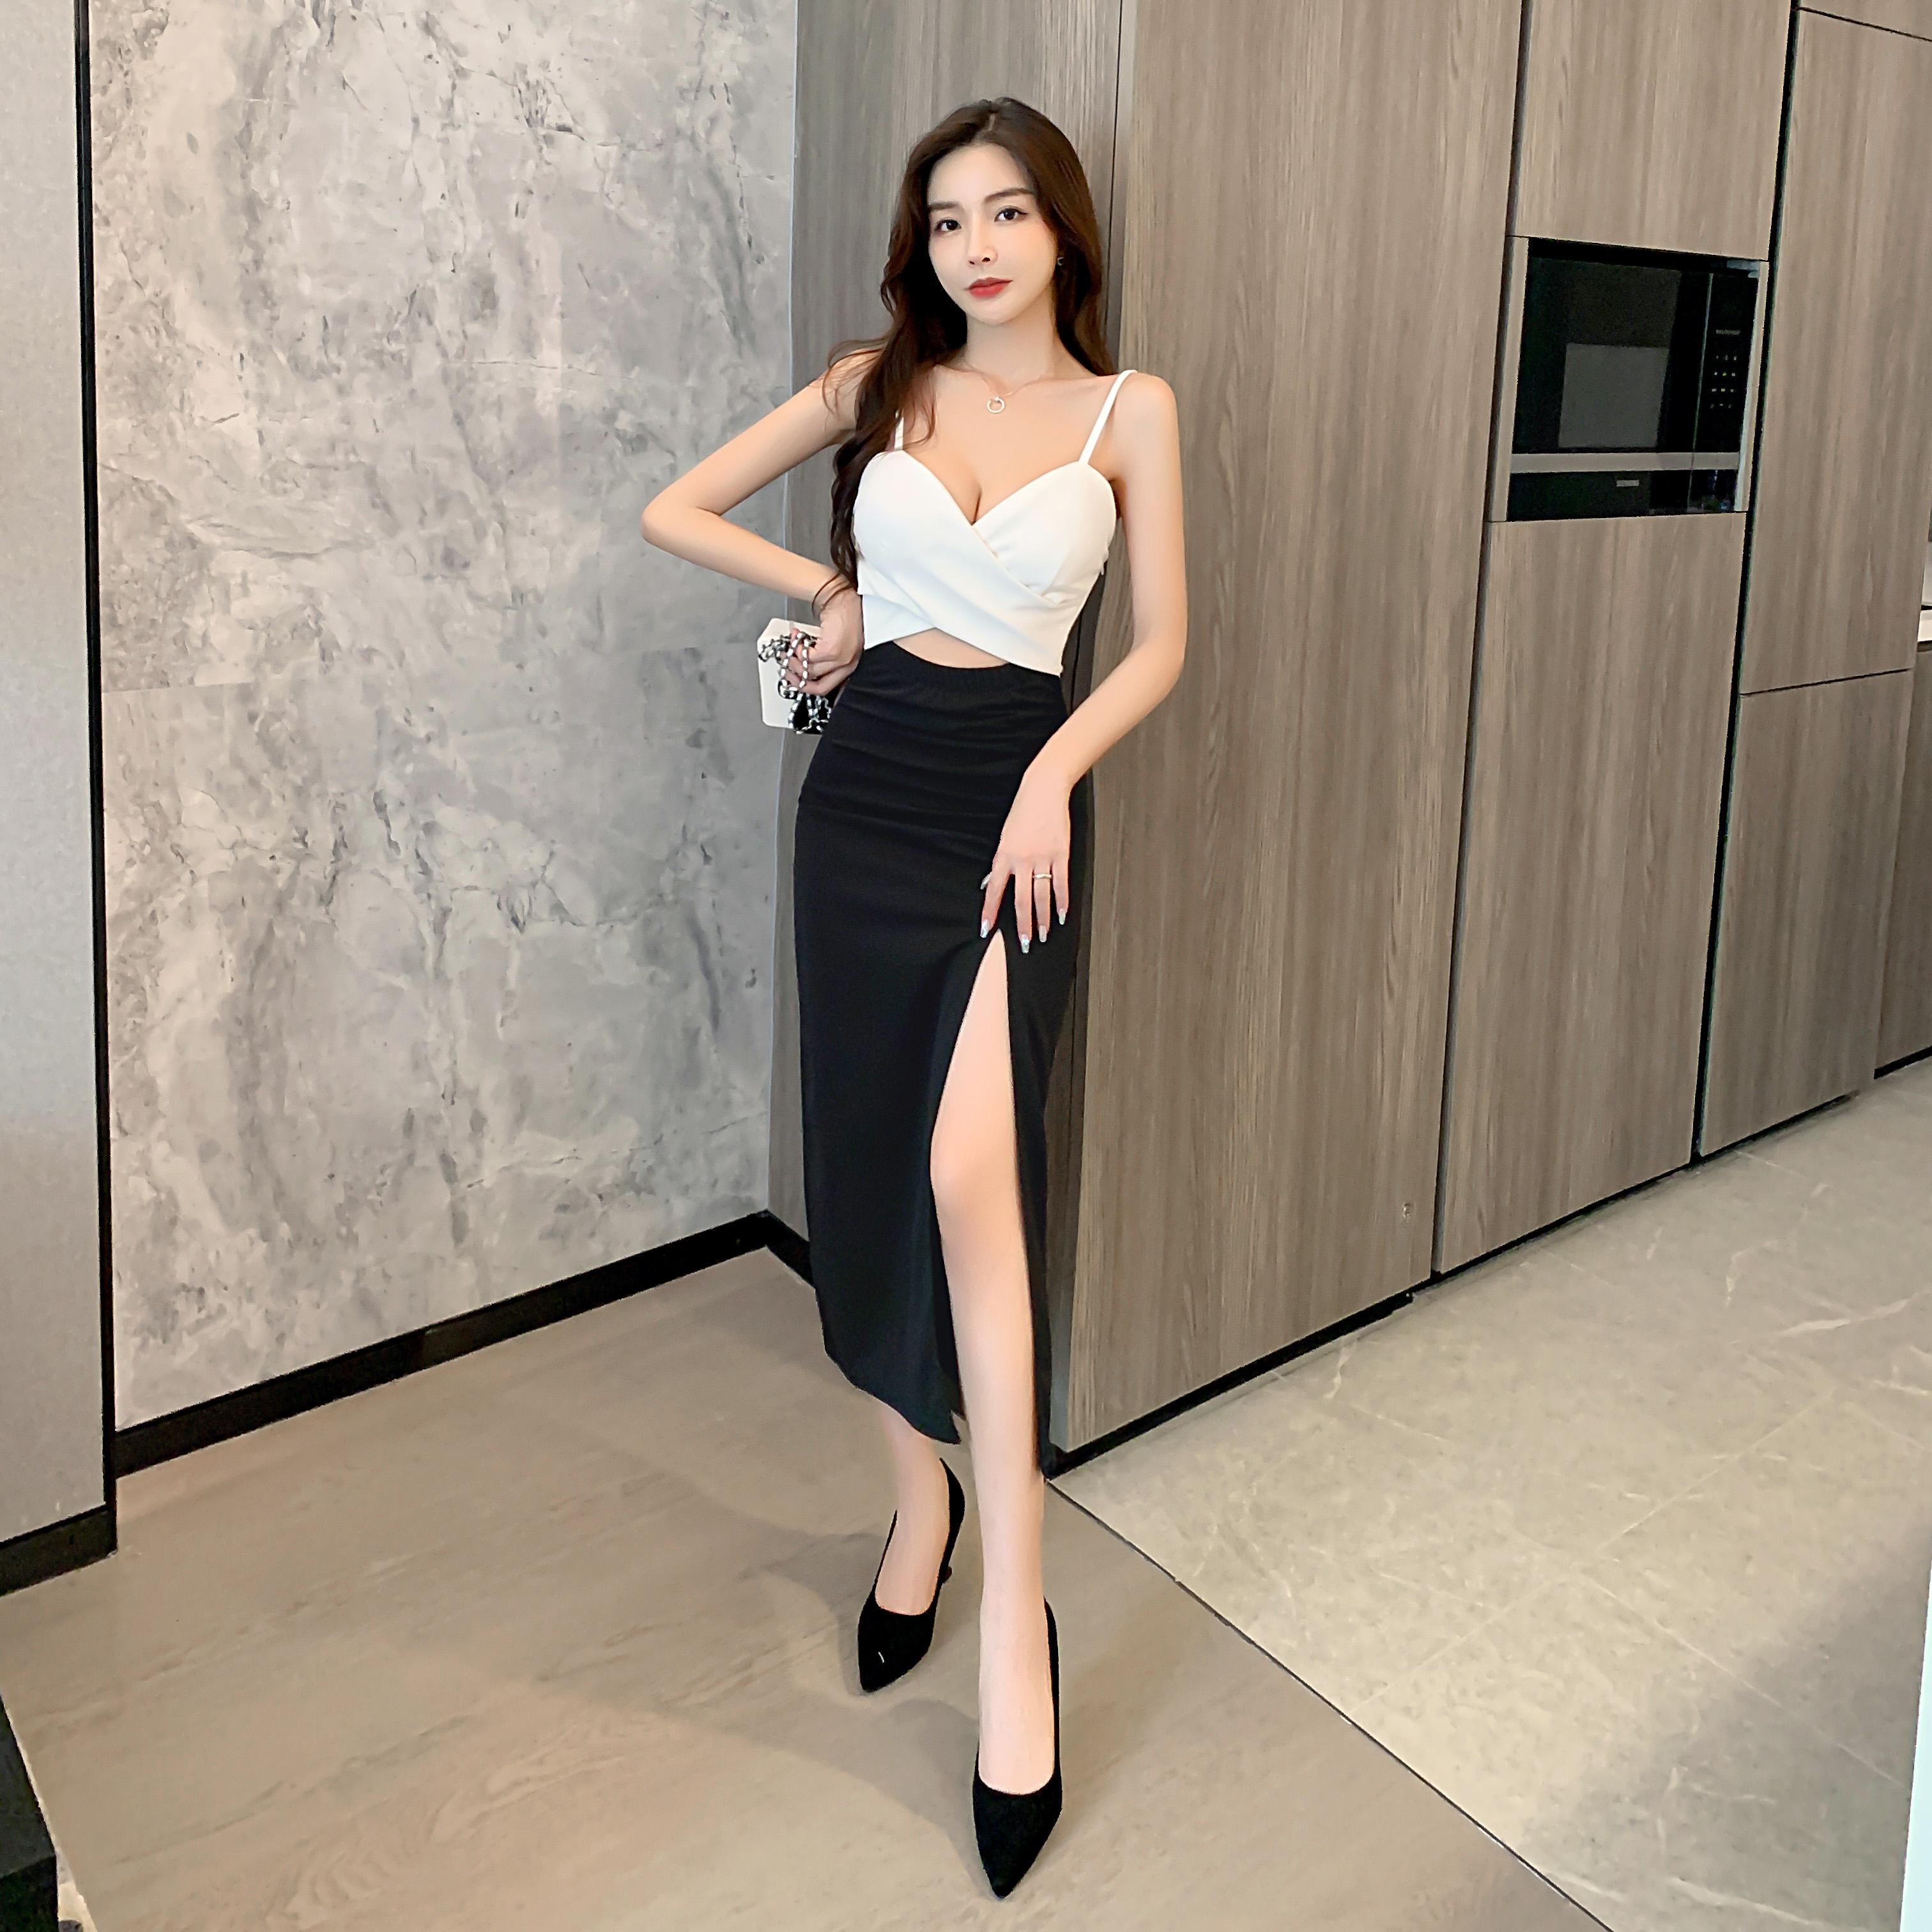 實拍現貨控2性感撞色打底高開叉緊身包臀連衣裙夜店工裝